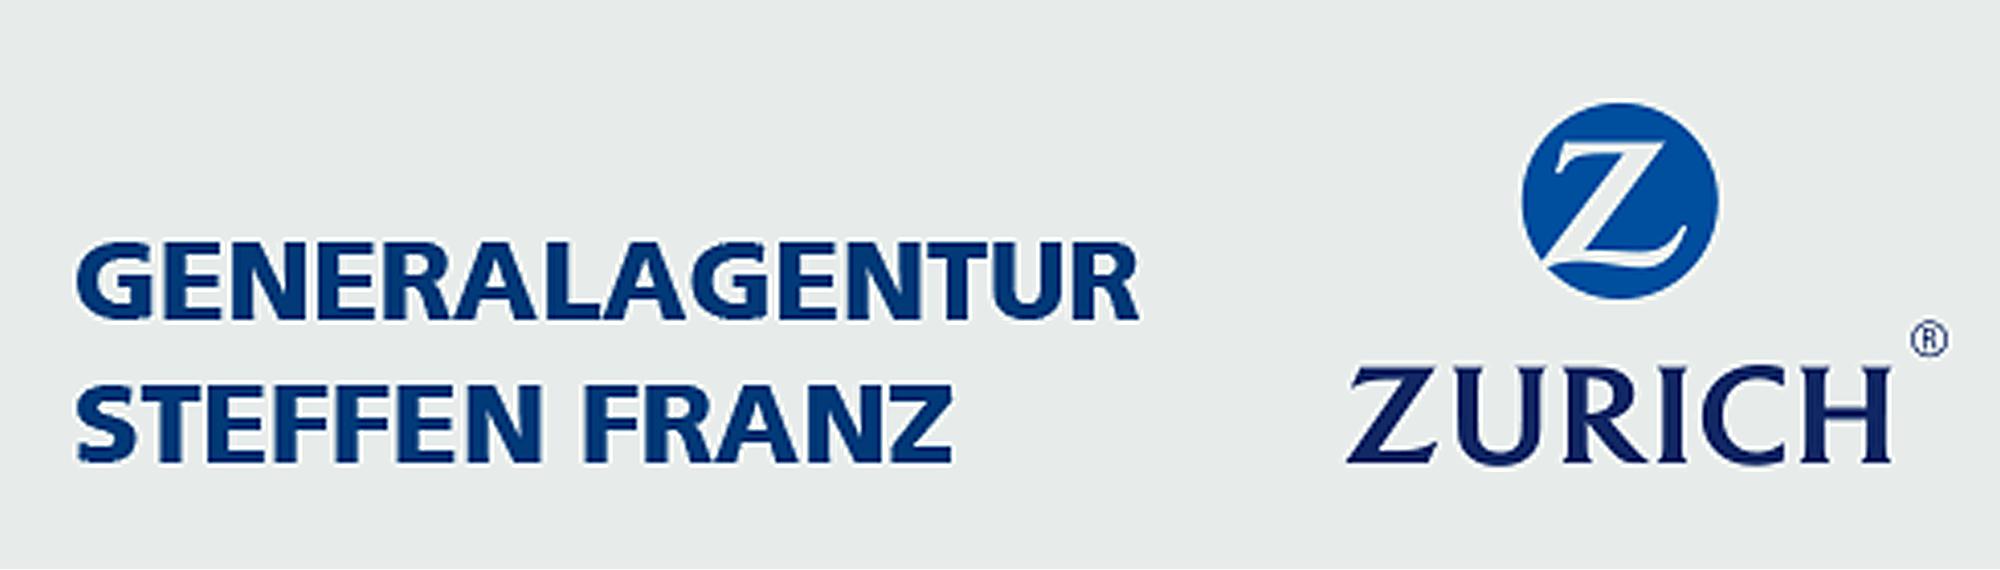 ZURICH Versicherung - Generalagentur Steffen Franz